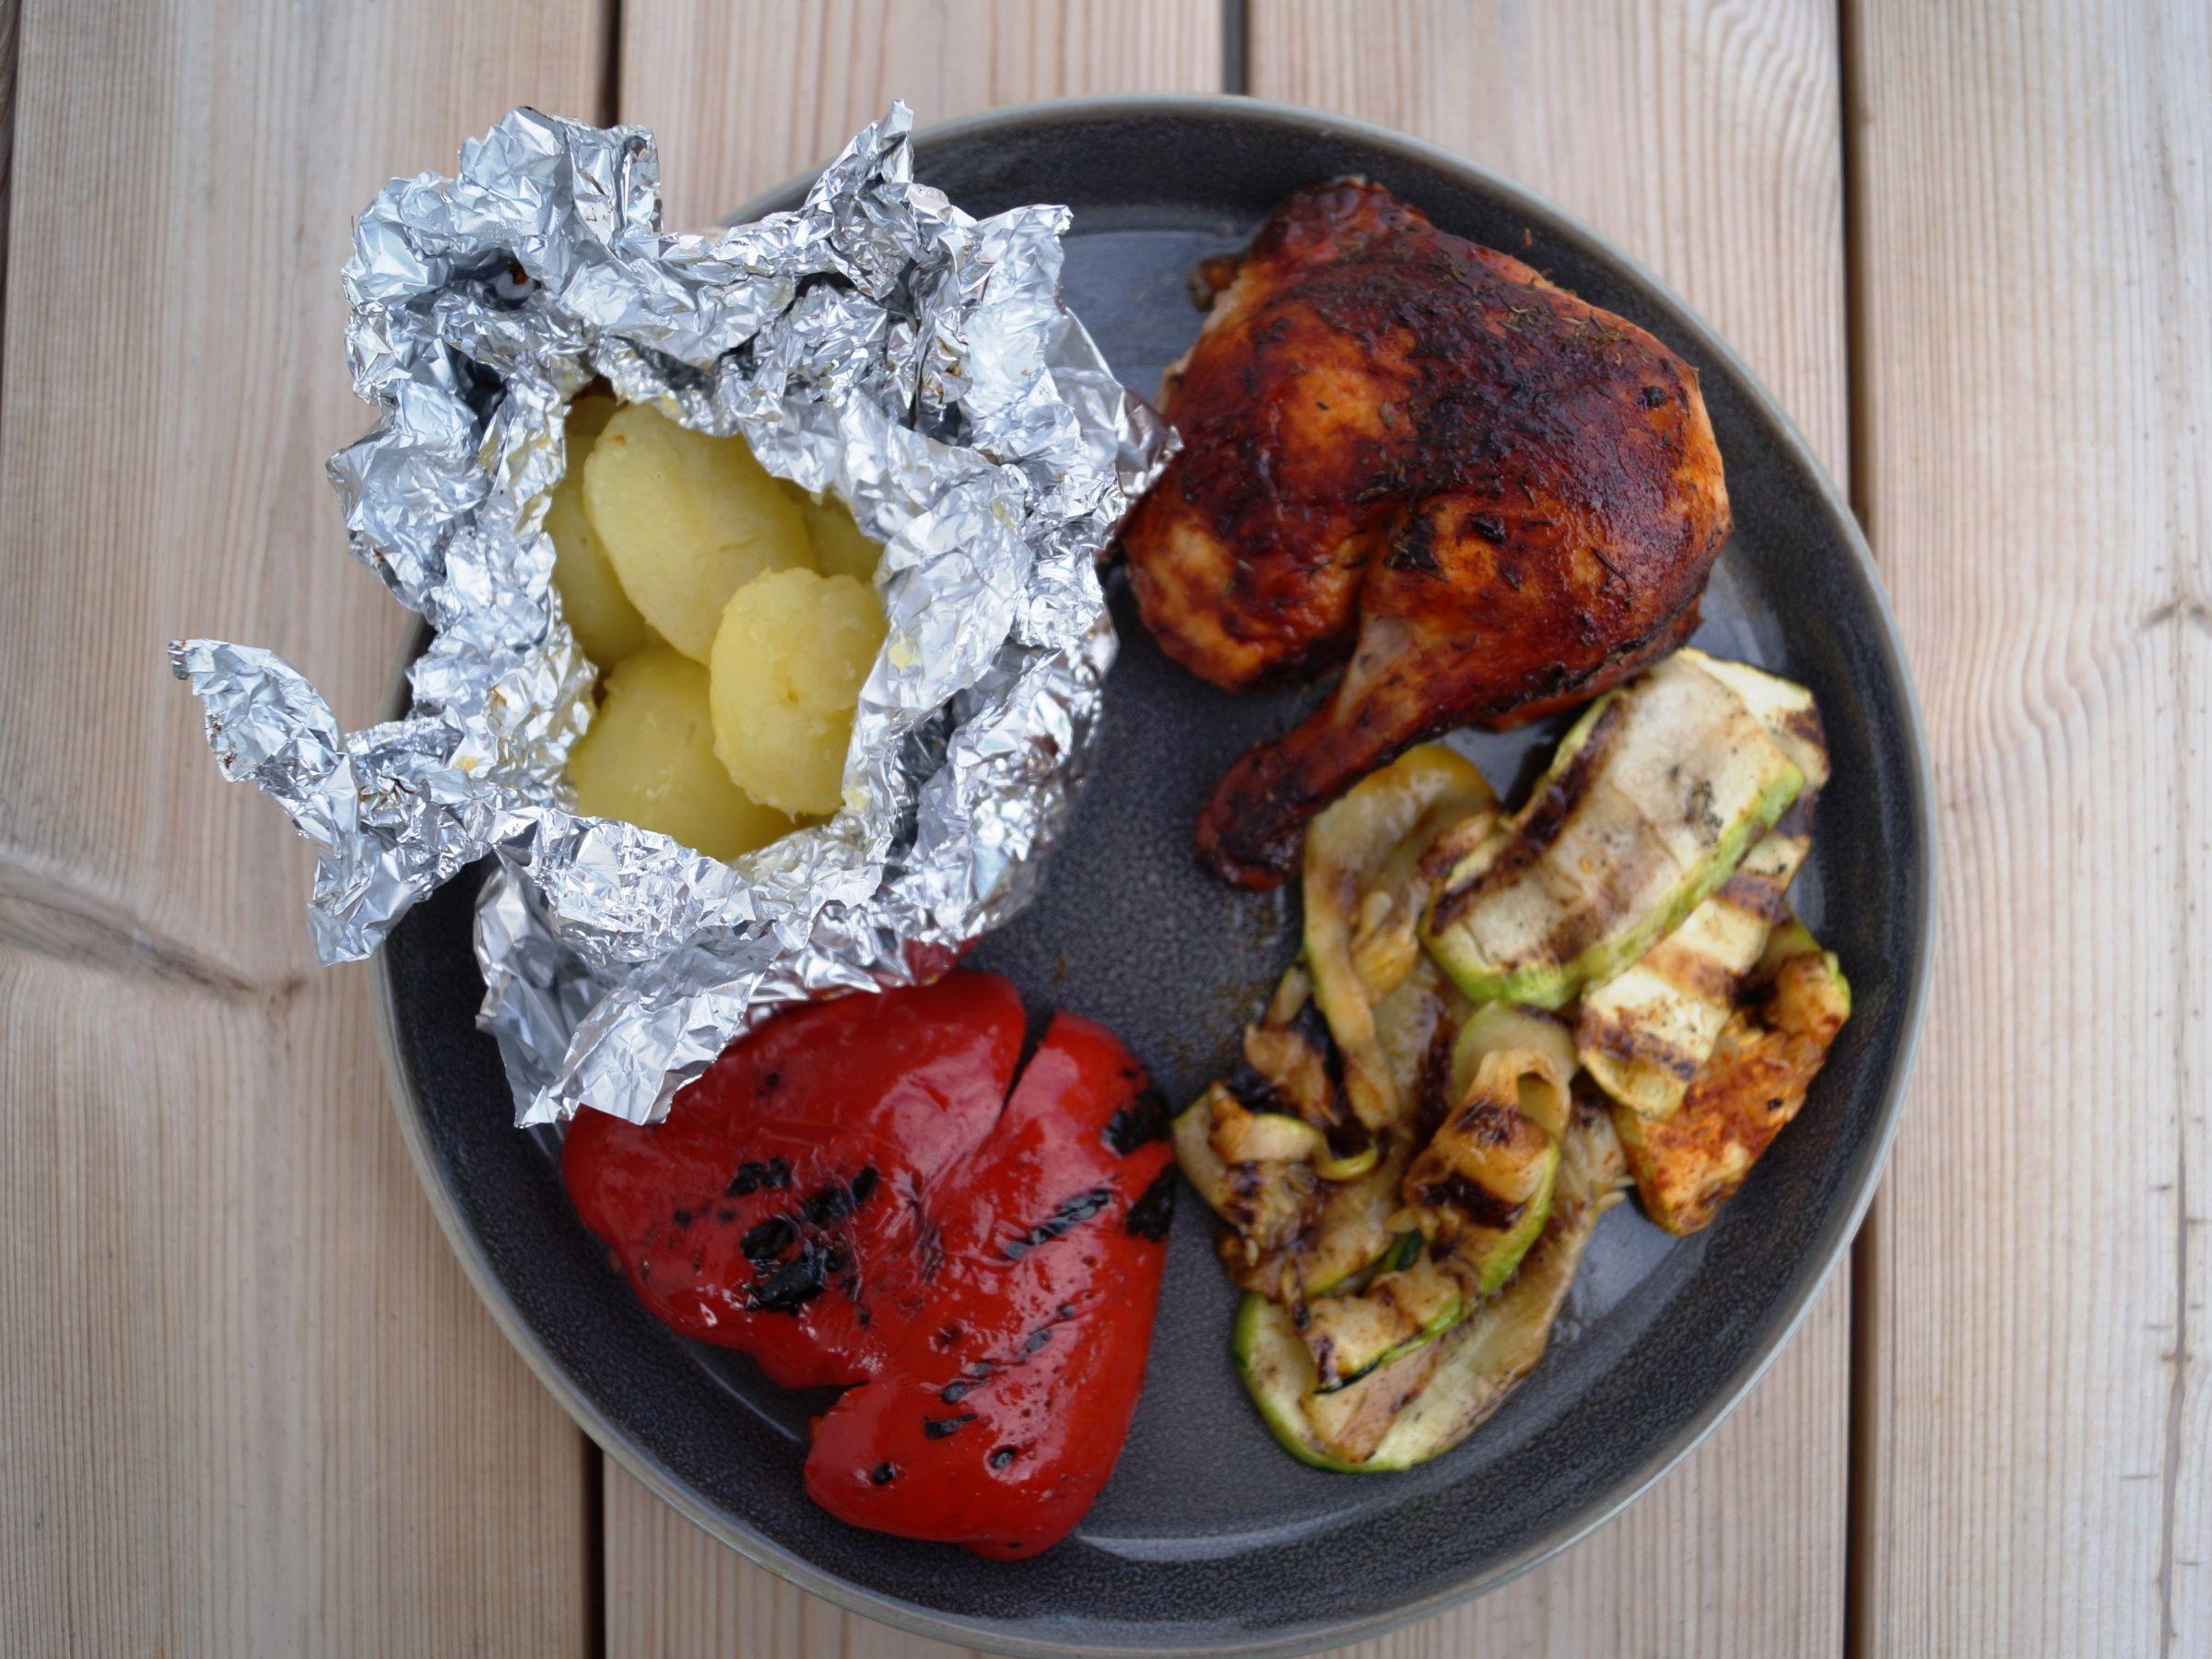 Hel kylling med grillede grøntsager